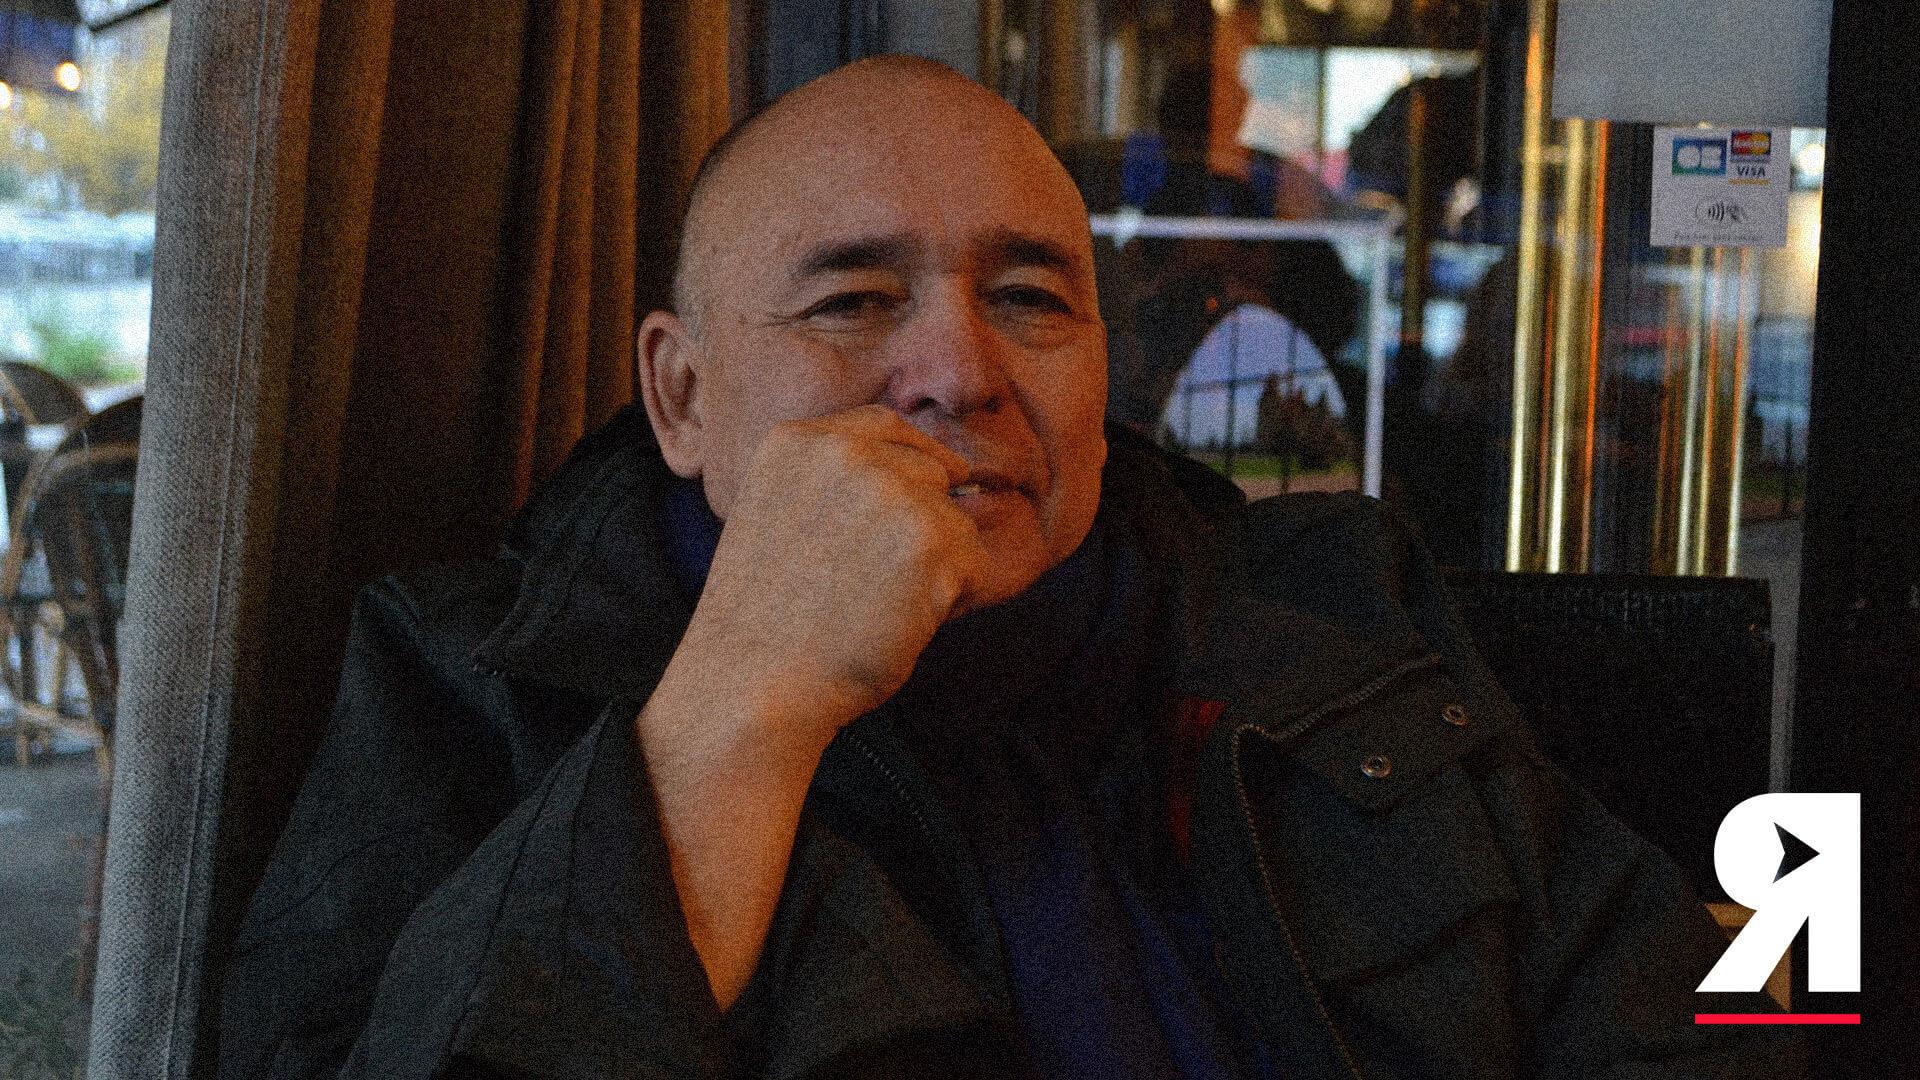 Hablamos con uno de los colombianos que echaron de la Unesco en la visita de Duque